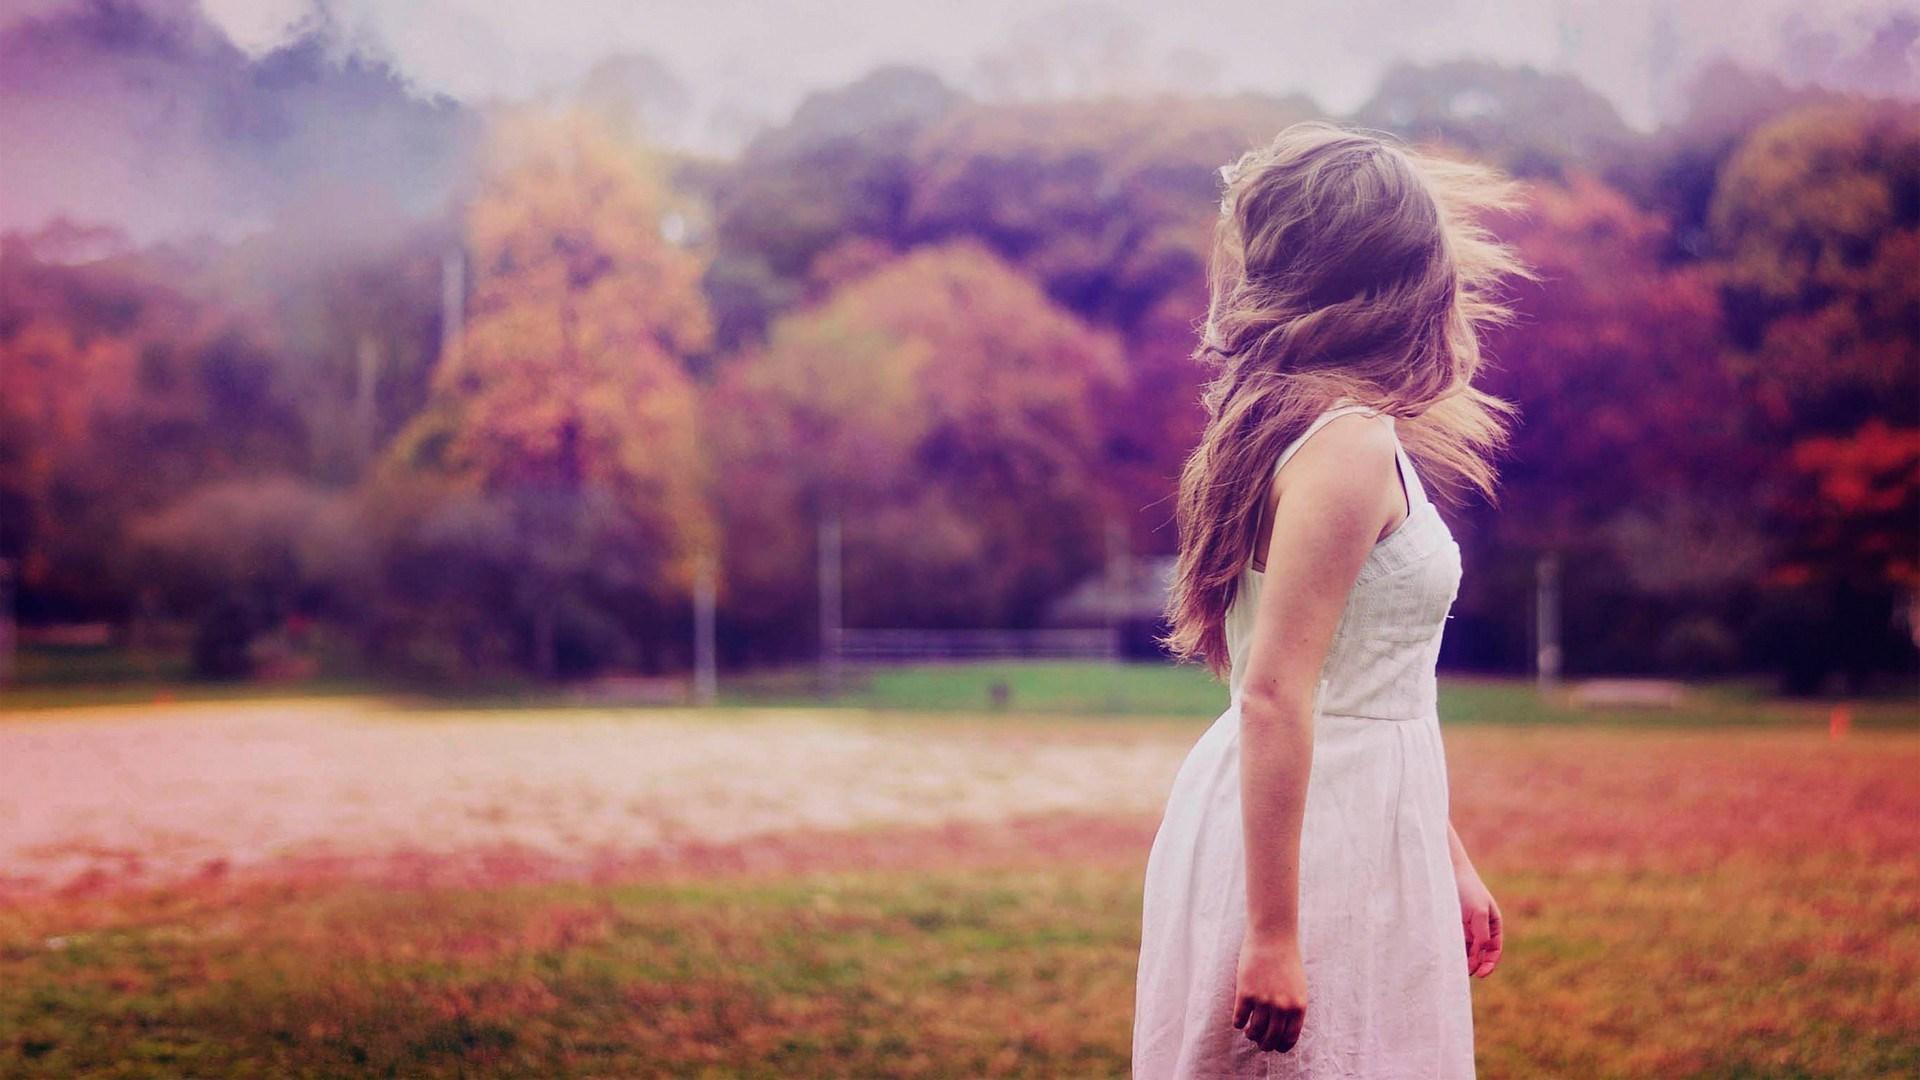 Girl Nature Autumn Photo